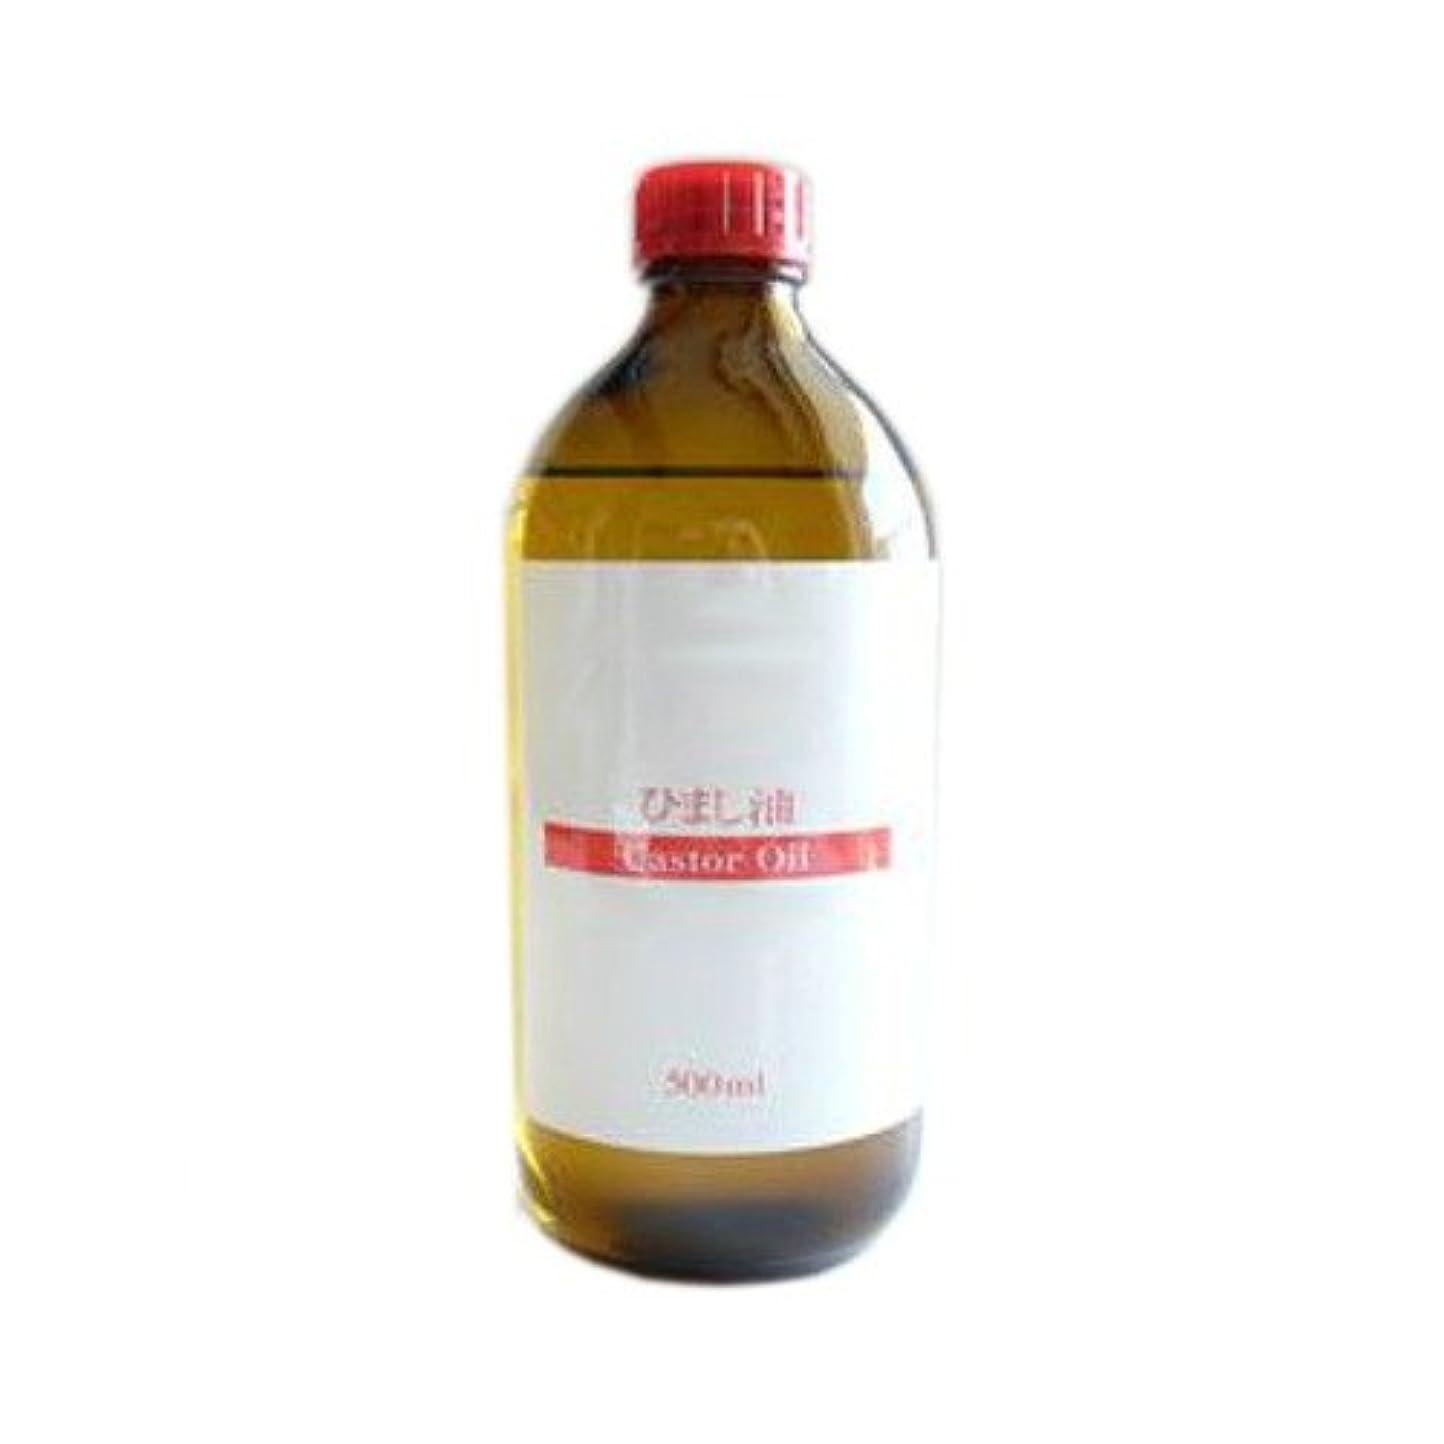 ハーネス遺産フォーカスひまし油 (キャスターオイル) 500ml